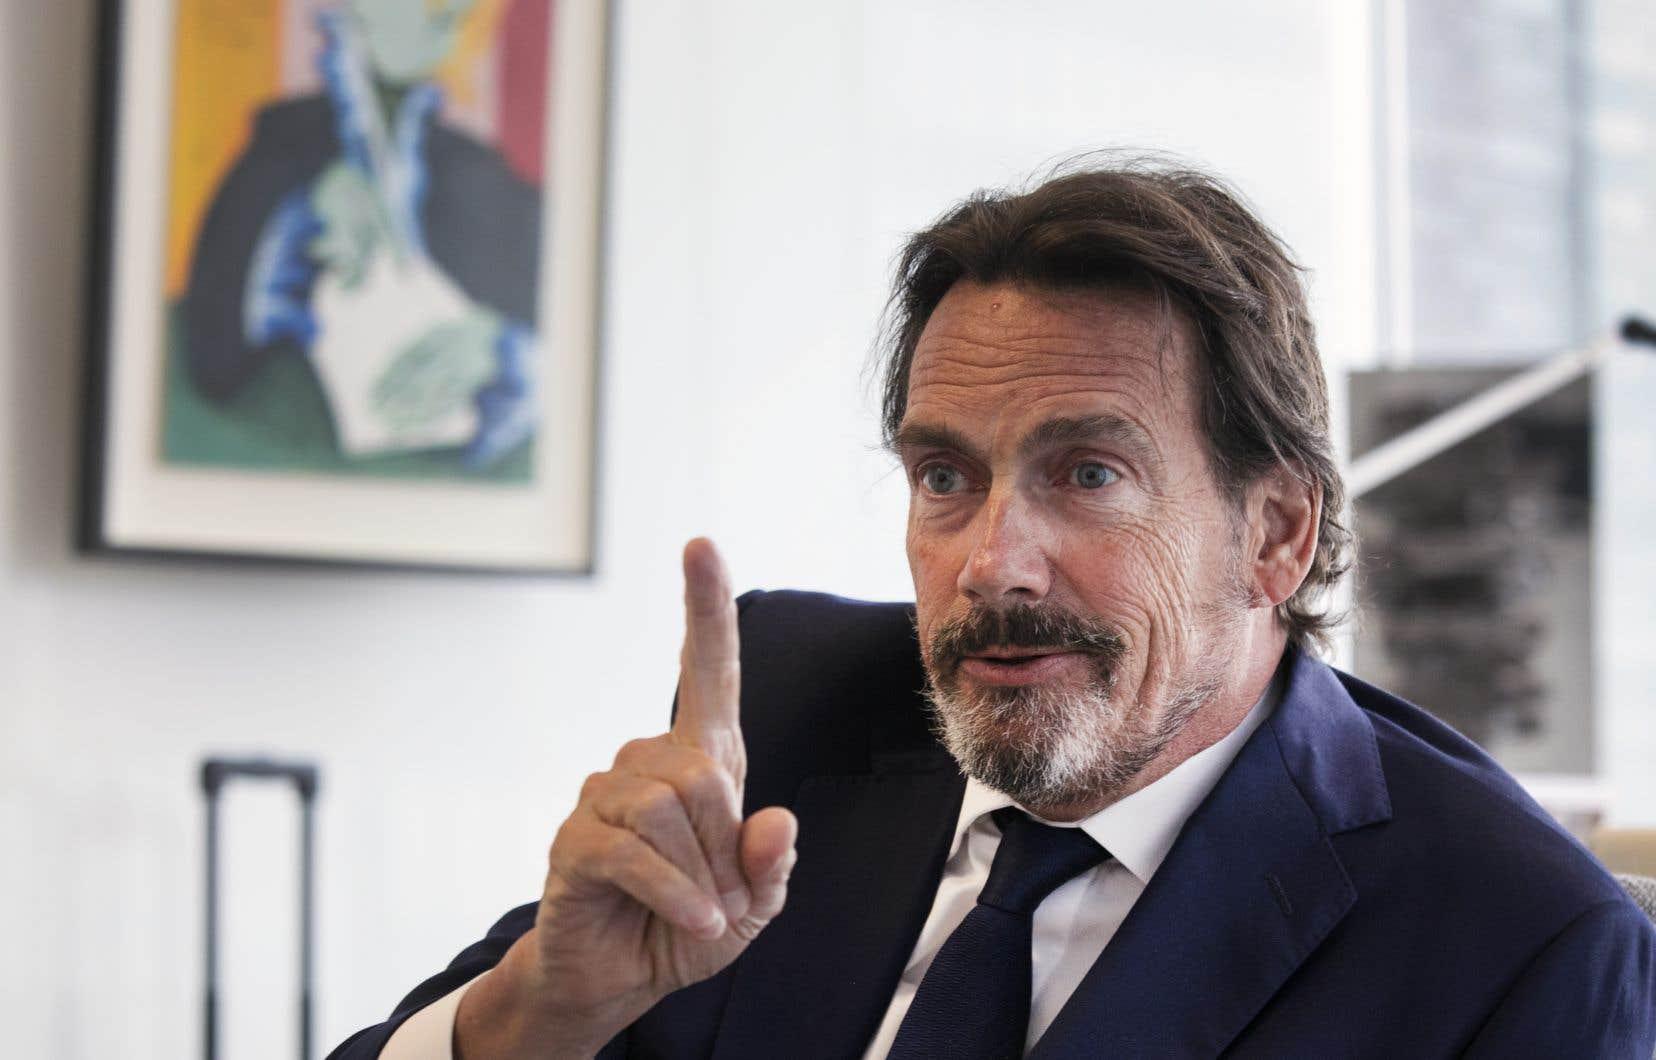 À la mi-mai, Pierre Karl Péladeau avait exprimé son désintérêt pour l'achat de Transat après avoir déposé une offre de 5$ par action qui avait été refusée par l'actionnaire principal de la compagnie aérienne.